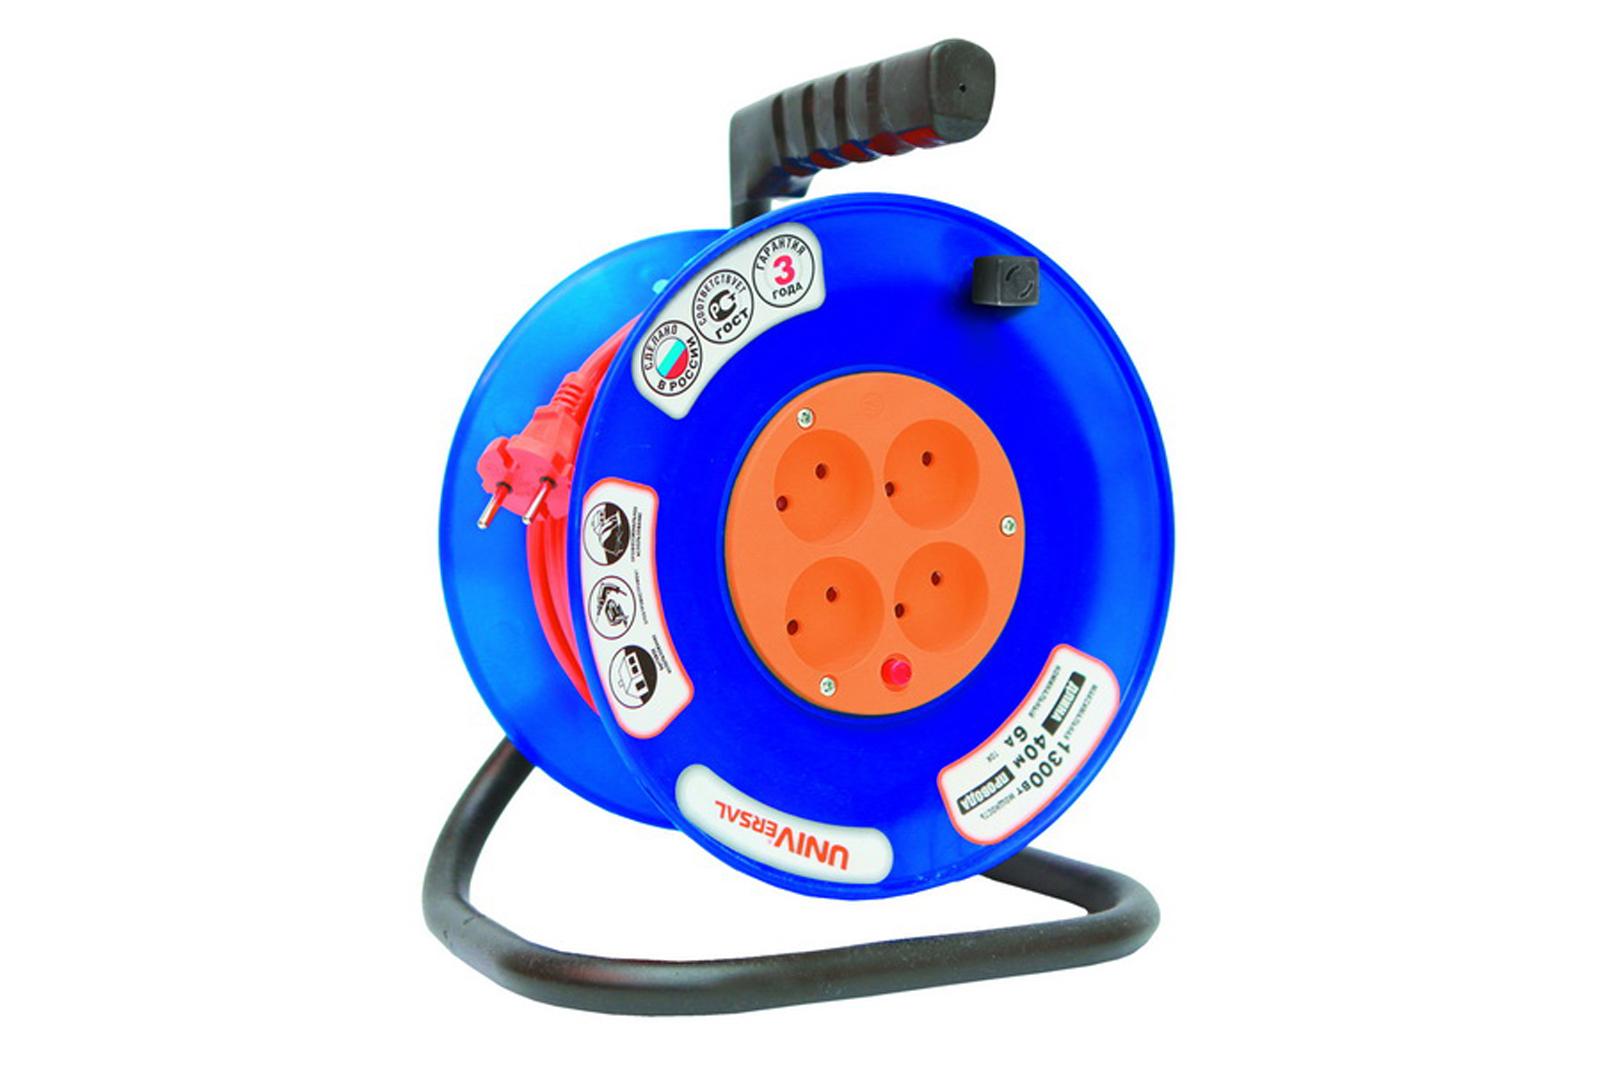 Удлинитель Universal ВЕМ-250 термо ПВС 2*0,75 4гнезда 20м цены онлайн